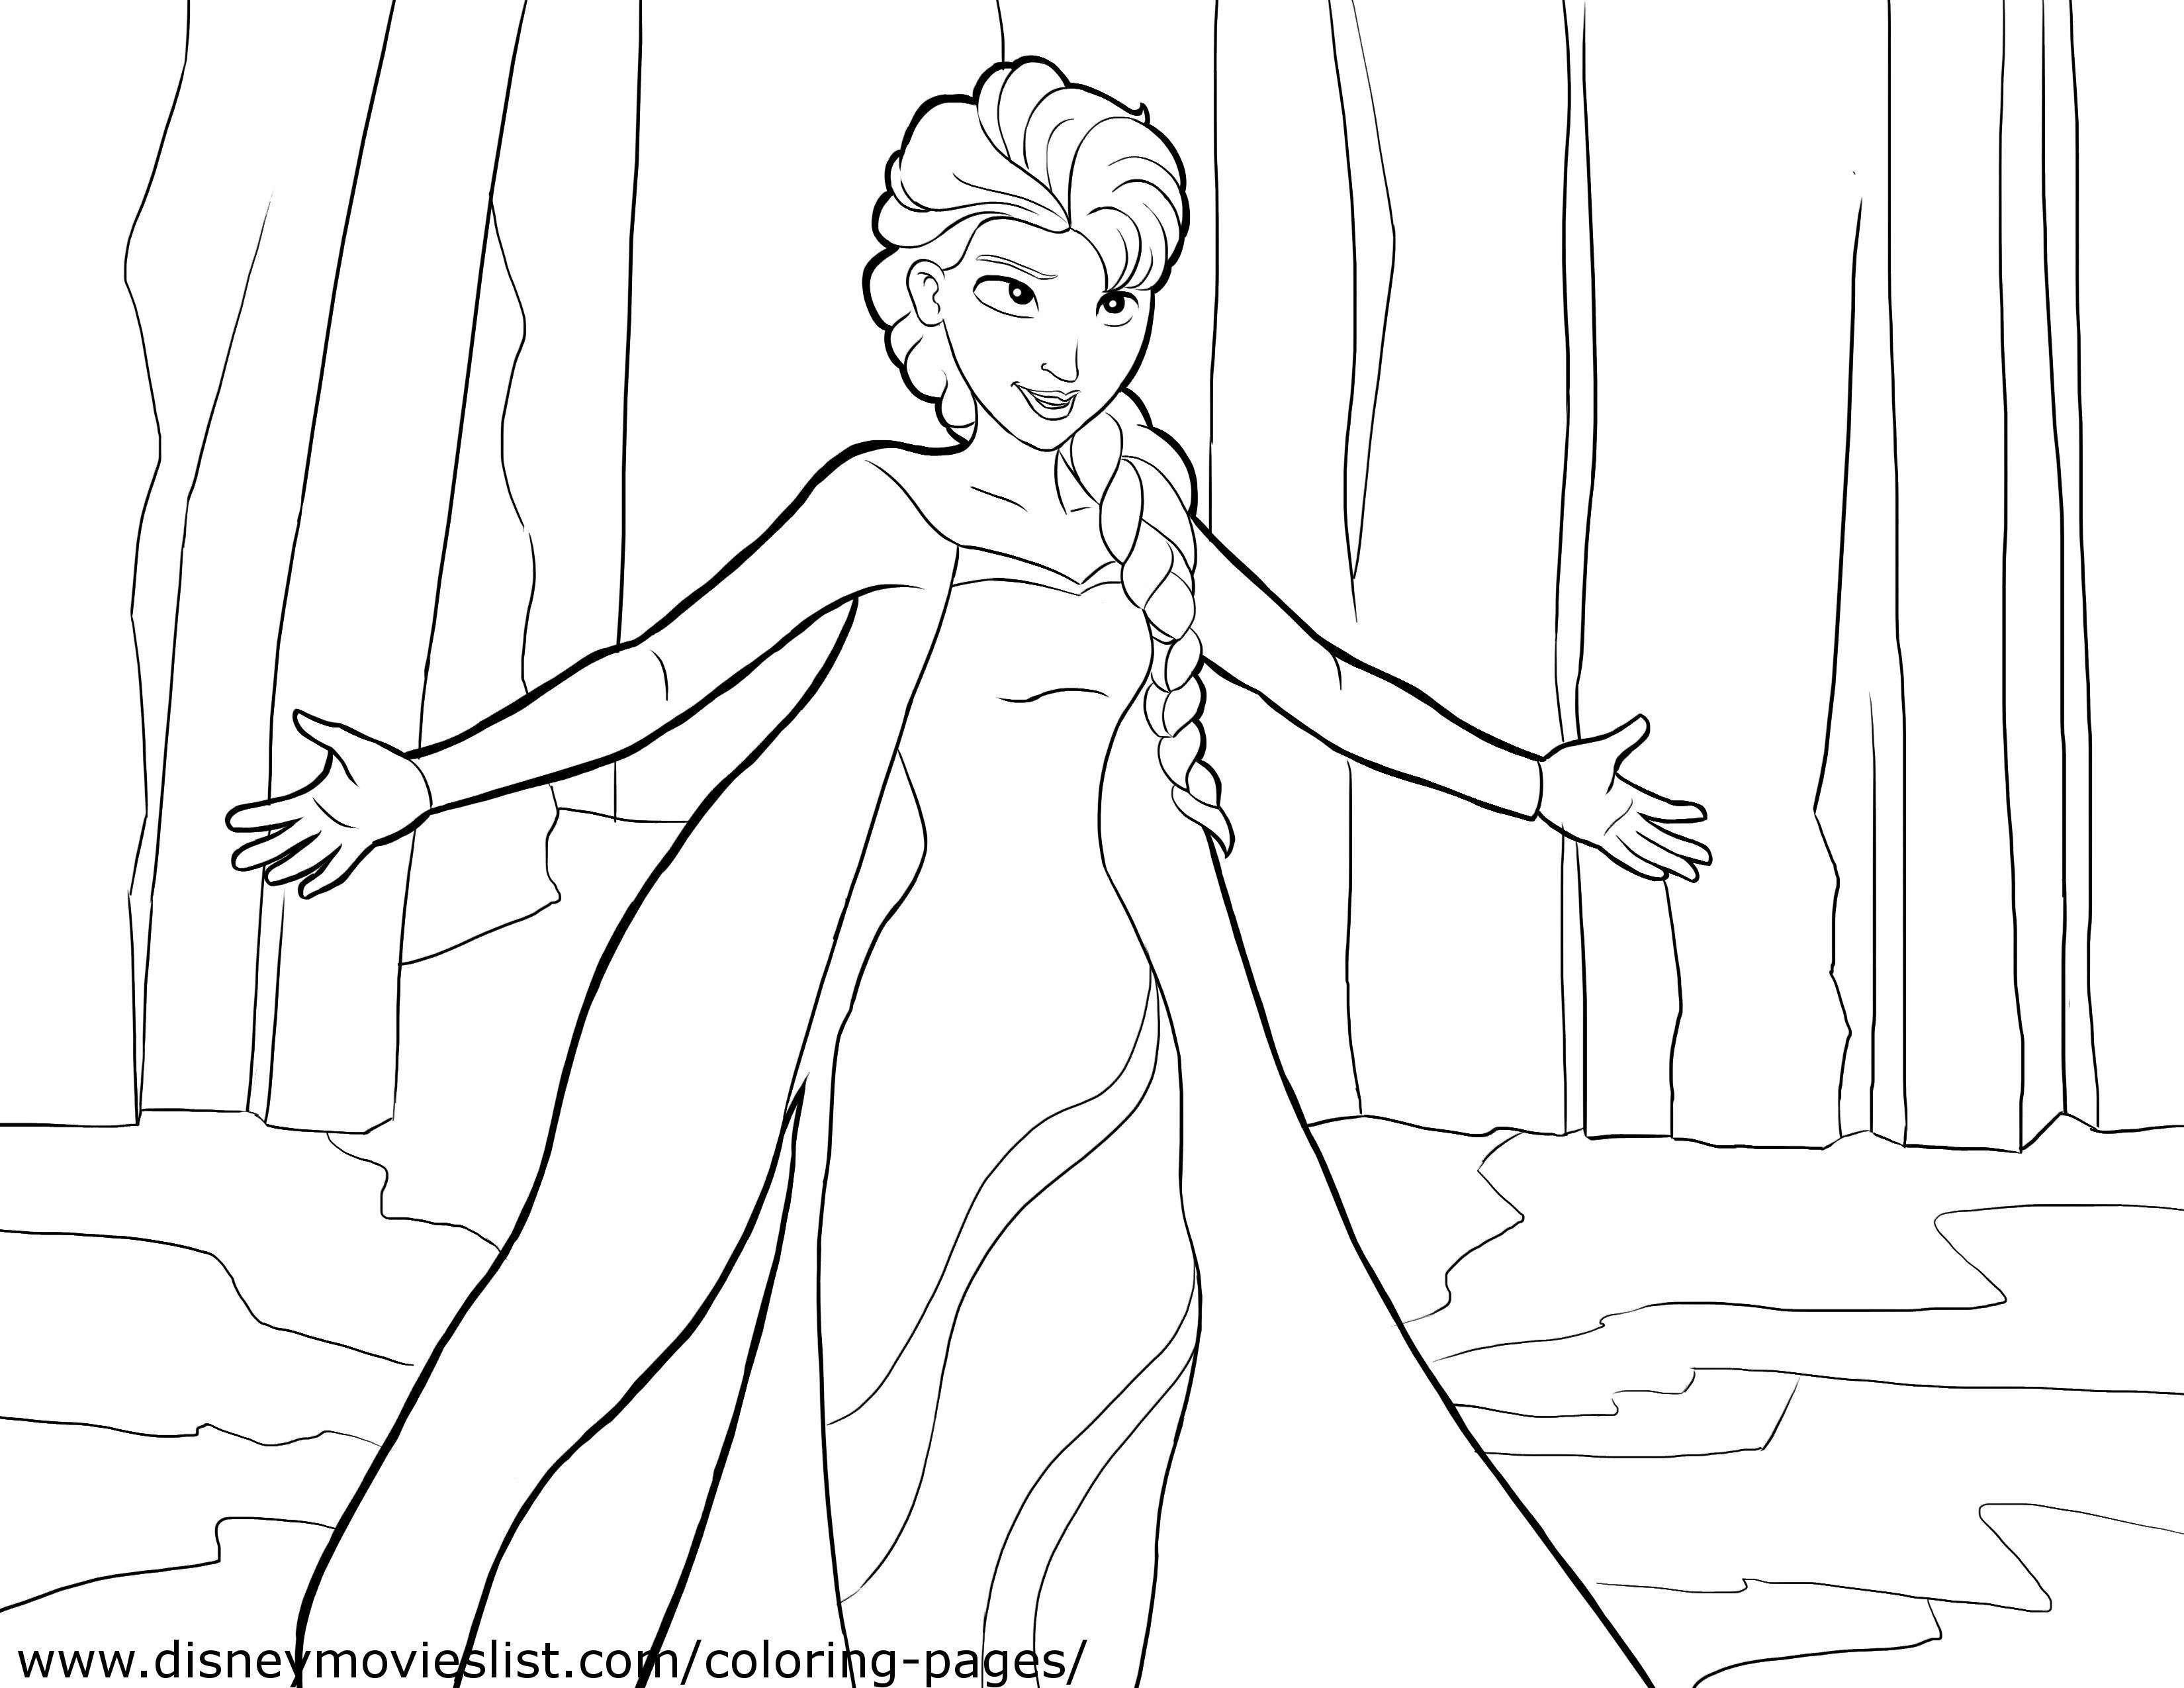 Elsa Und Anna Zum Ausmalen Inspirierend Malvorlagen Elsa Und Anna Schön Disney Princess Elsa Coloring Pages Fotografieren